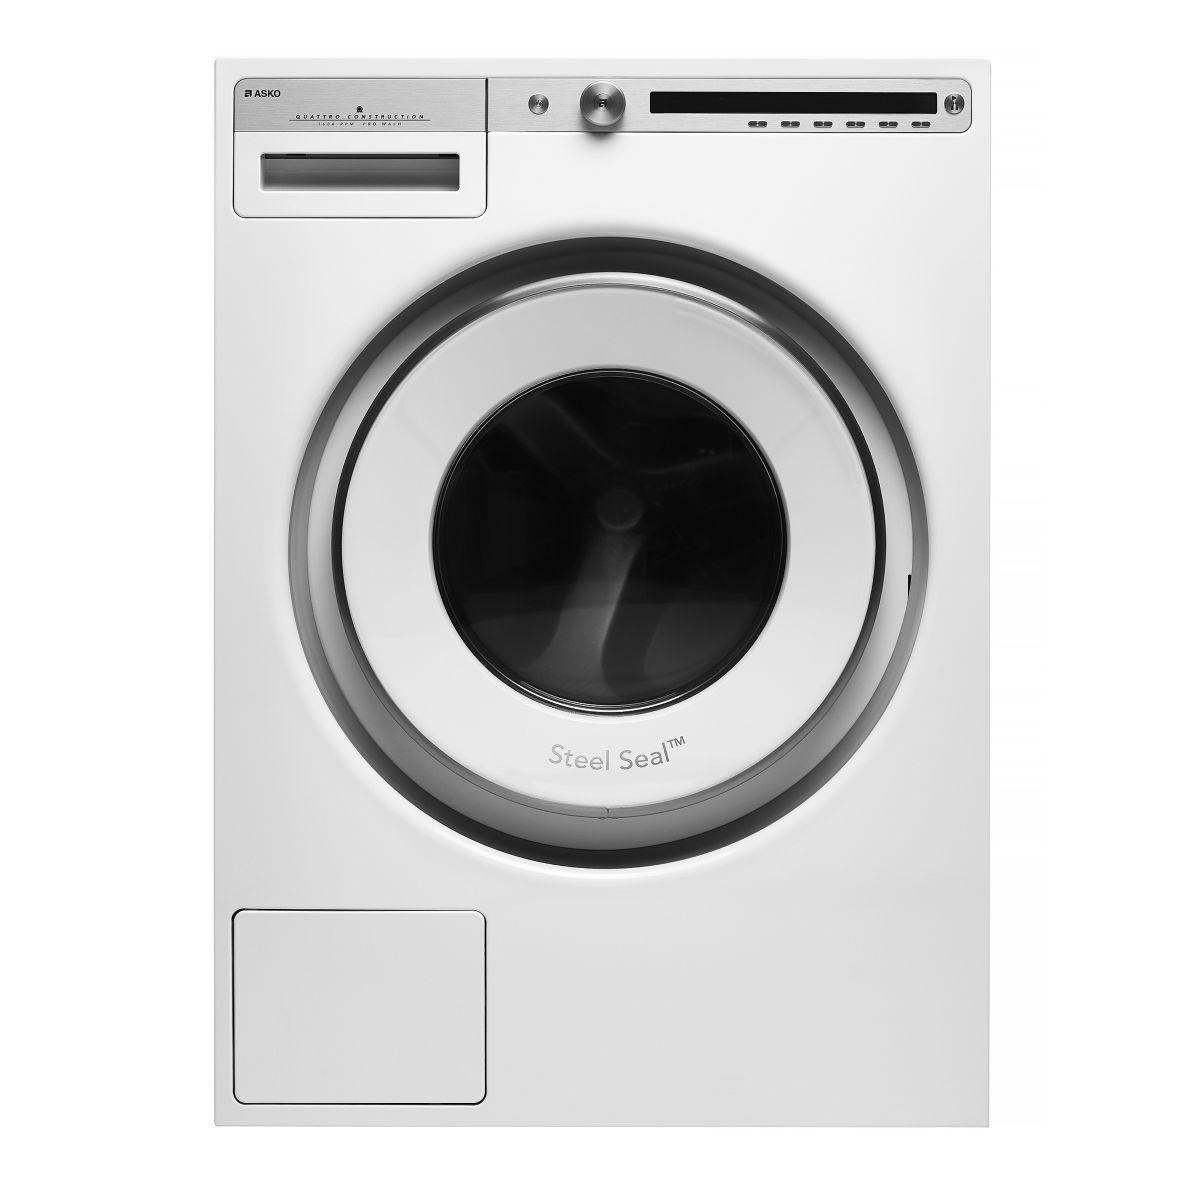 Lavatrice IWUD4105 Lavatrice, Grandi elettrodomestici